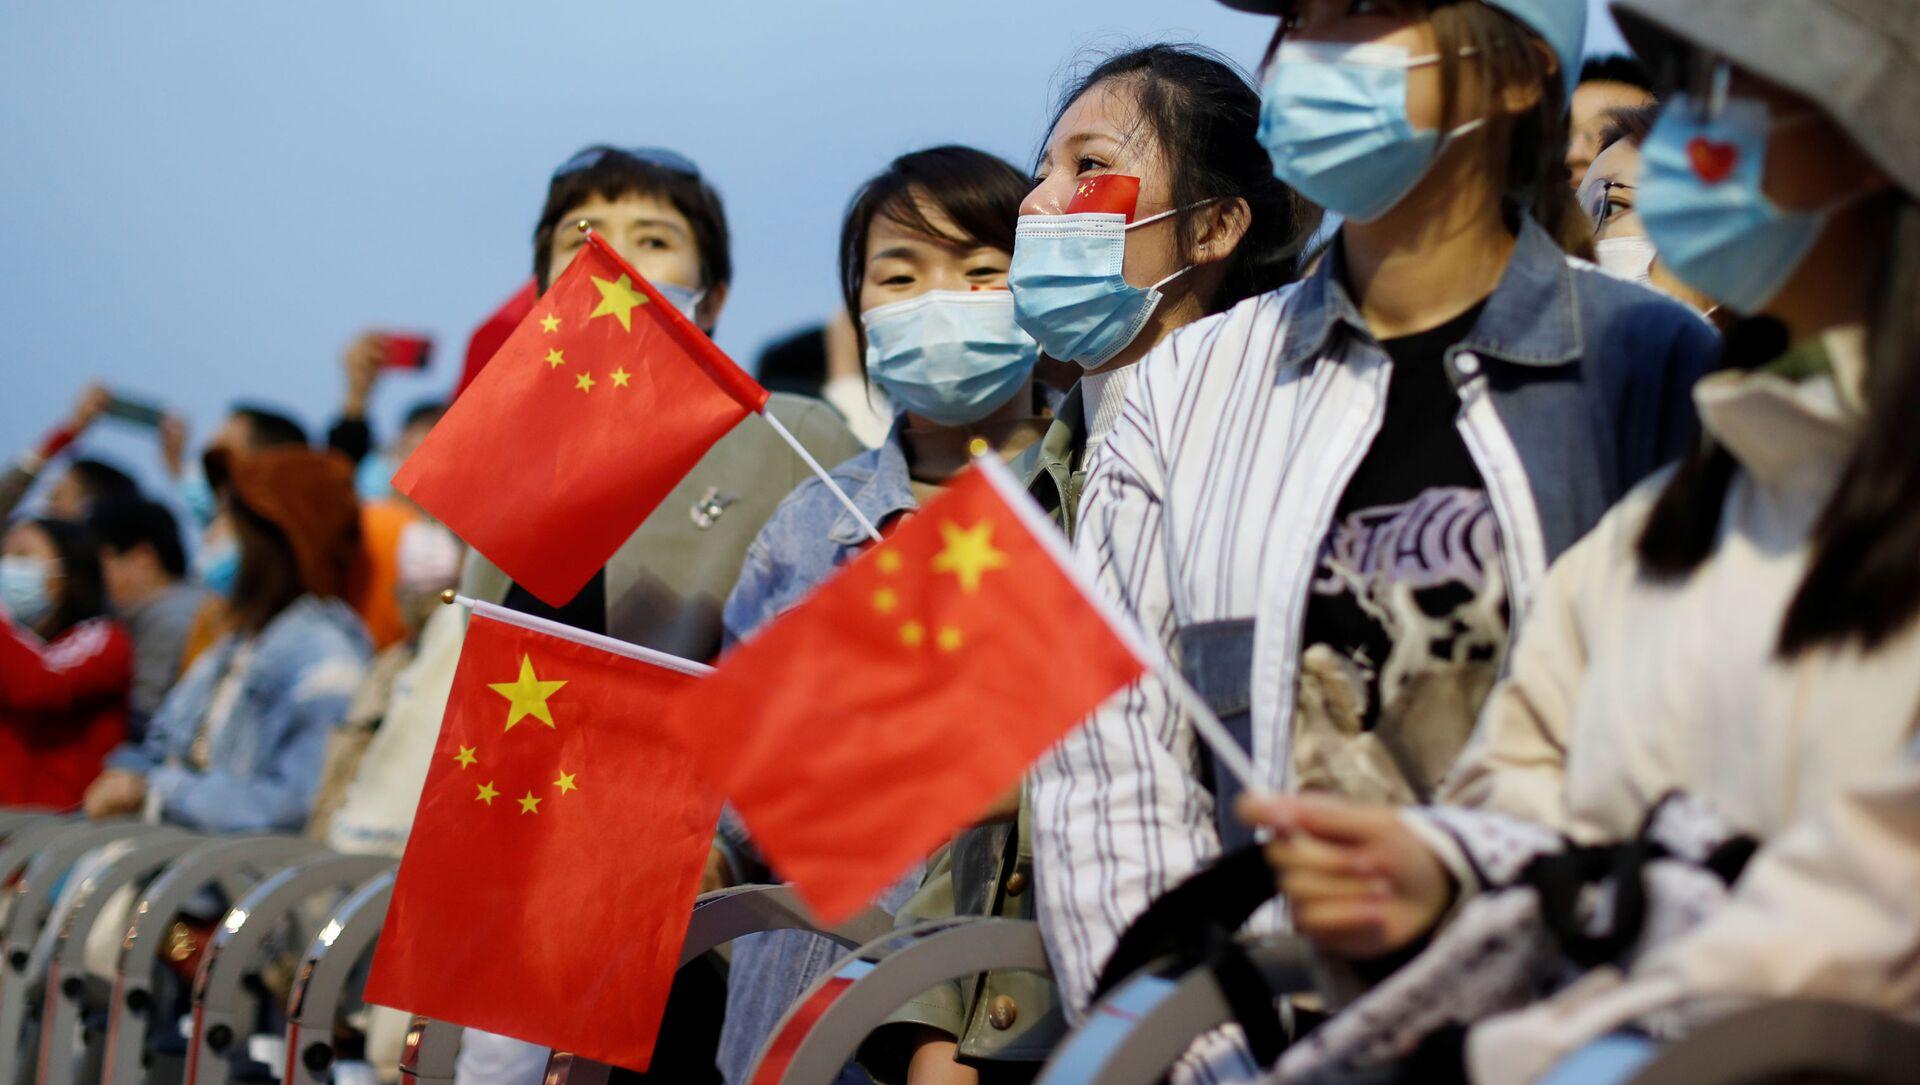 Celebración del 71 aniversario de la fundación de la República Popular China - Sputnik Mundo, 1920, 30.10.2020